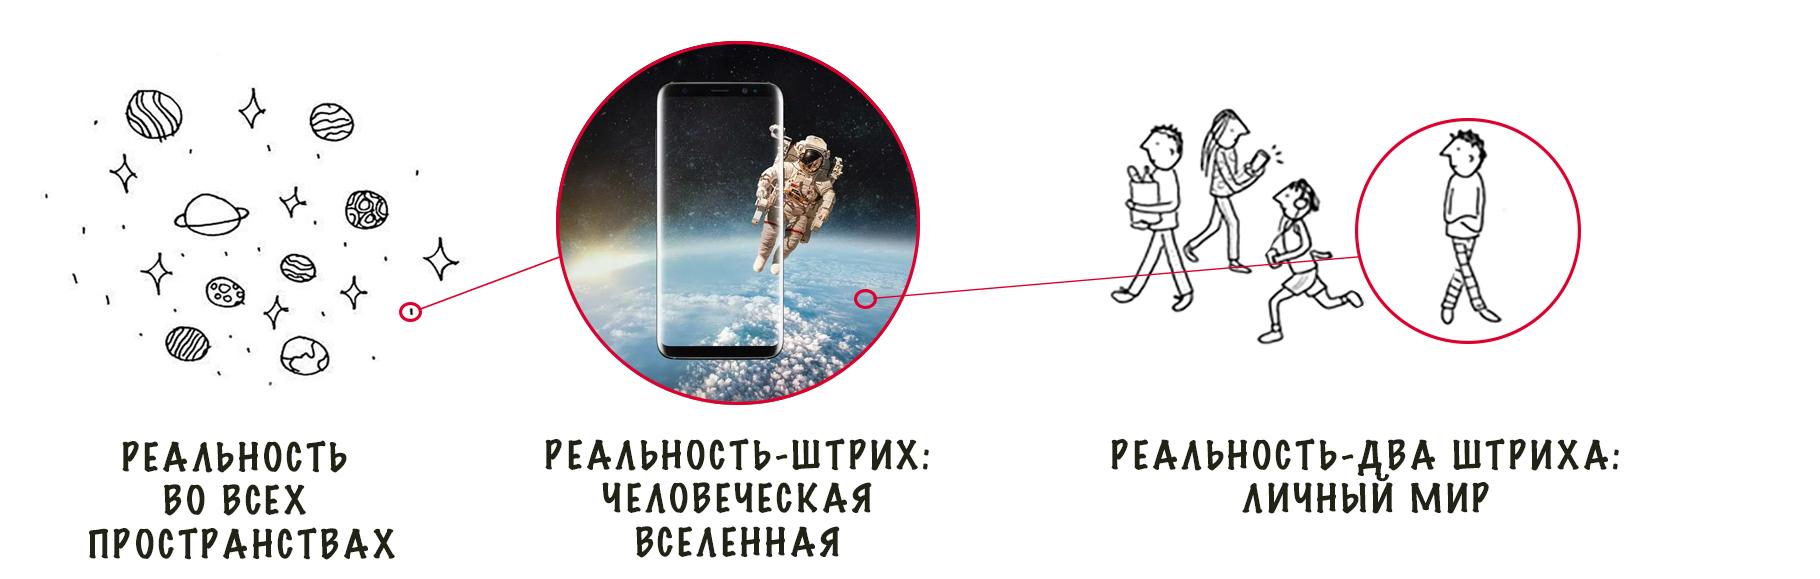 реальности